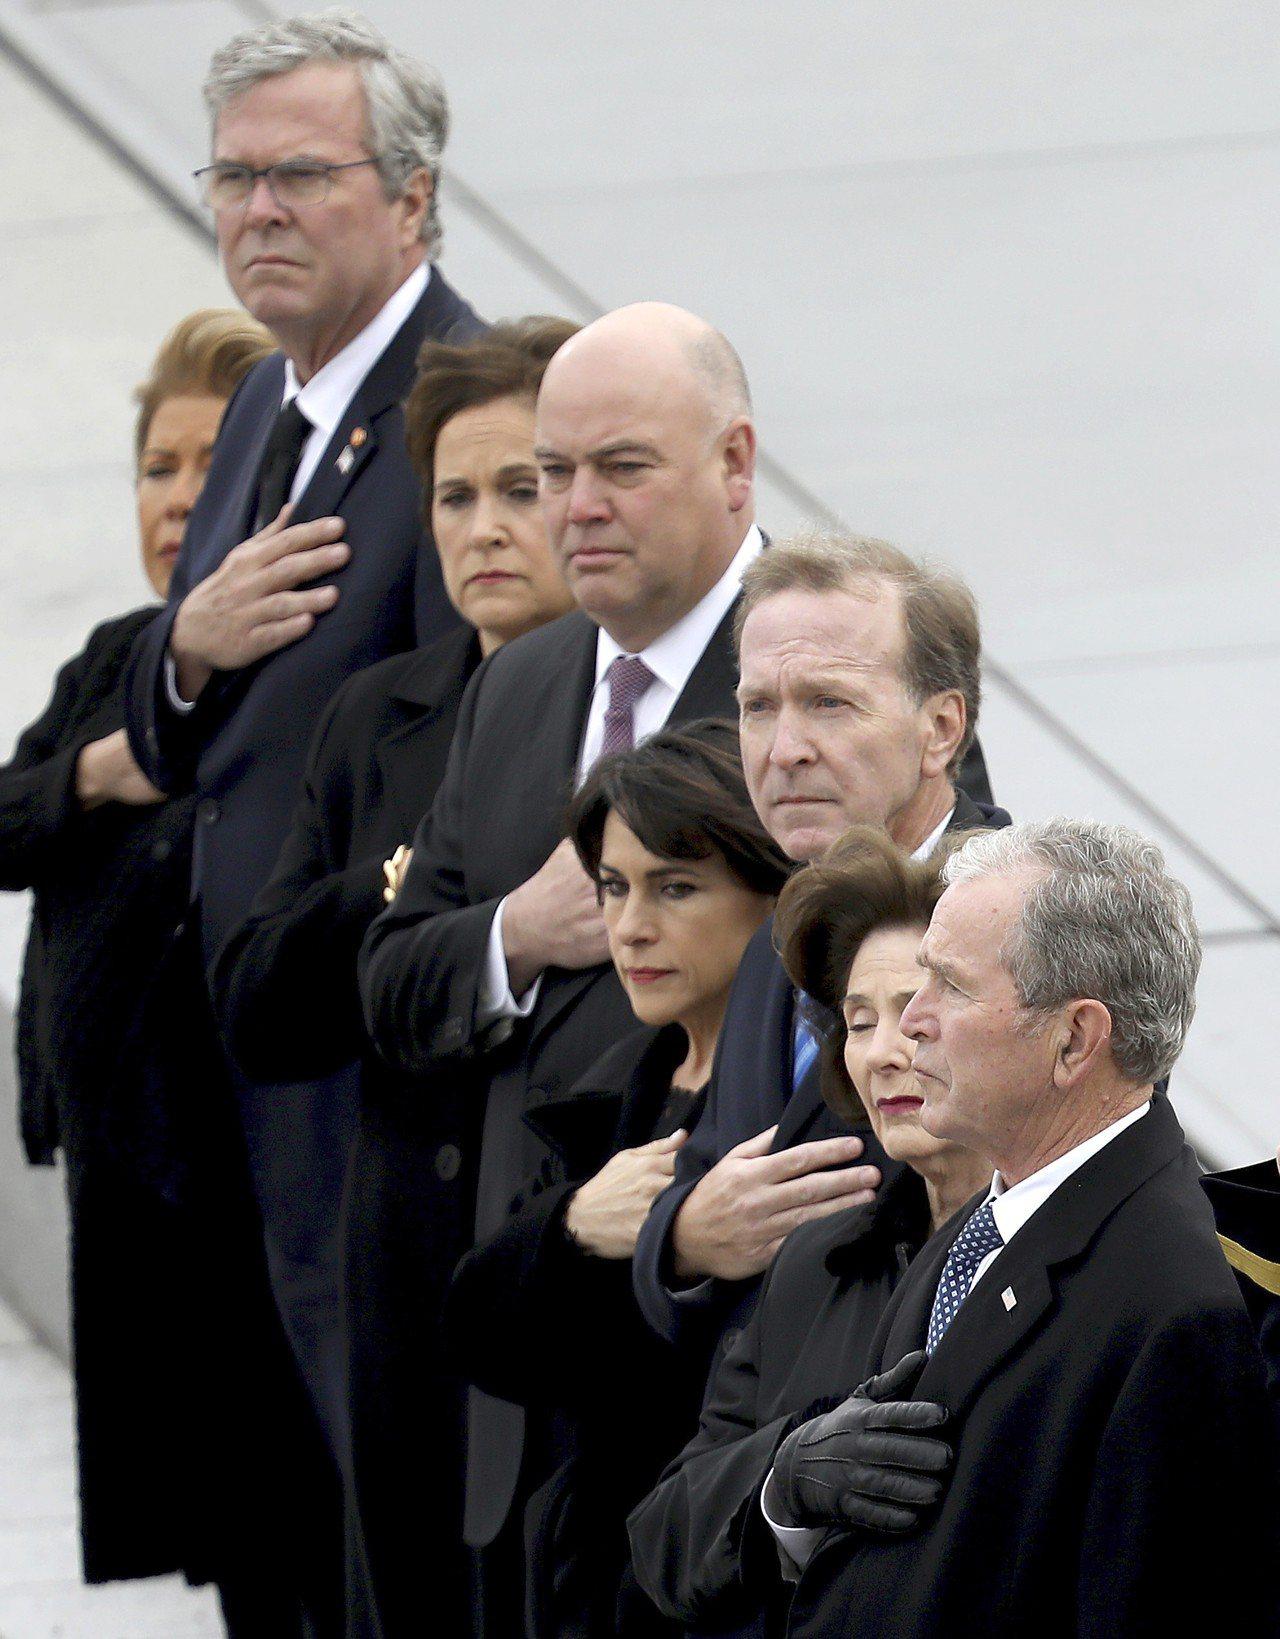 小布希總統身為老布希的長子,長期活在能幹父親的「陰影」下,兩人之間緊張關係難免,...